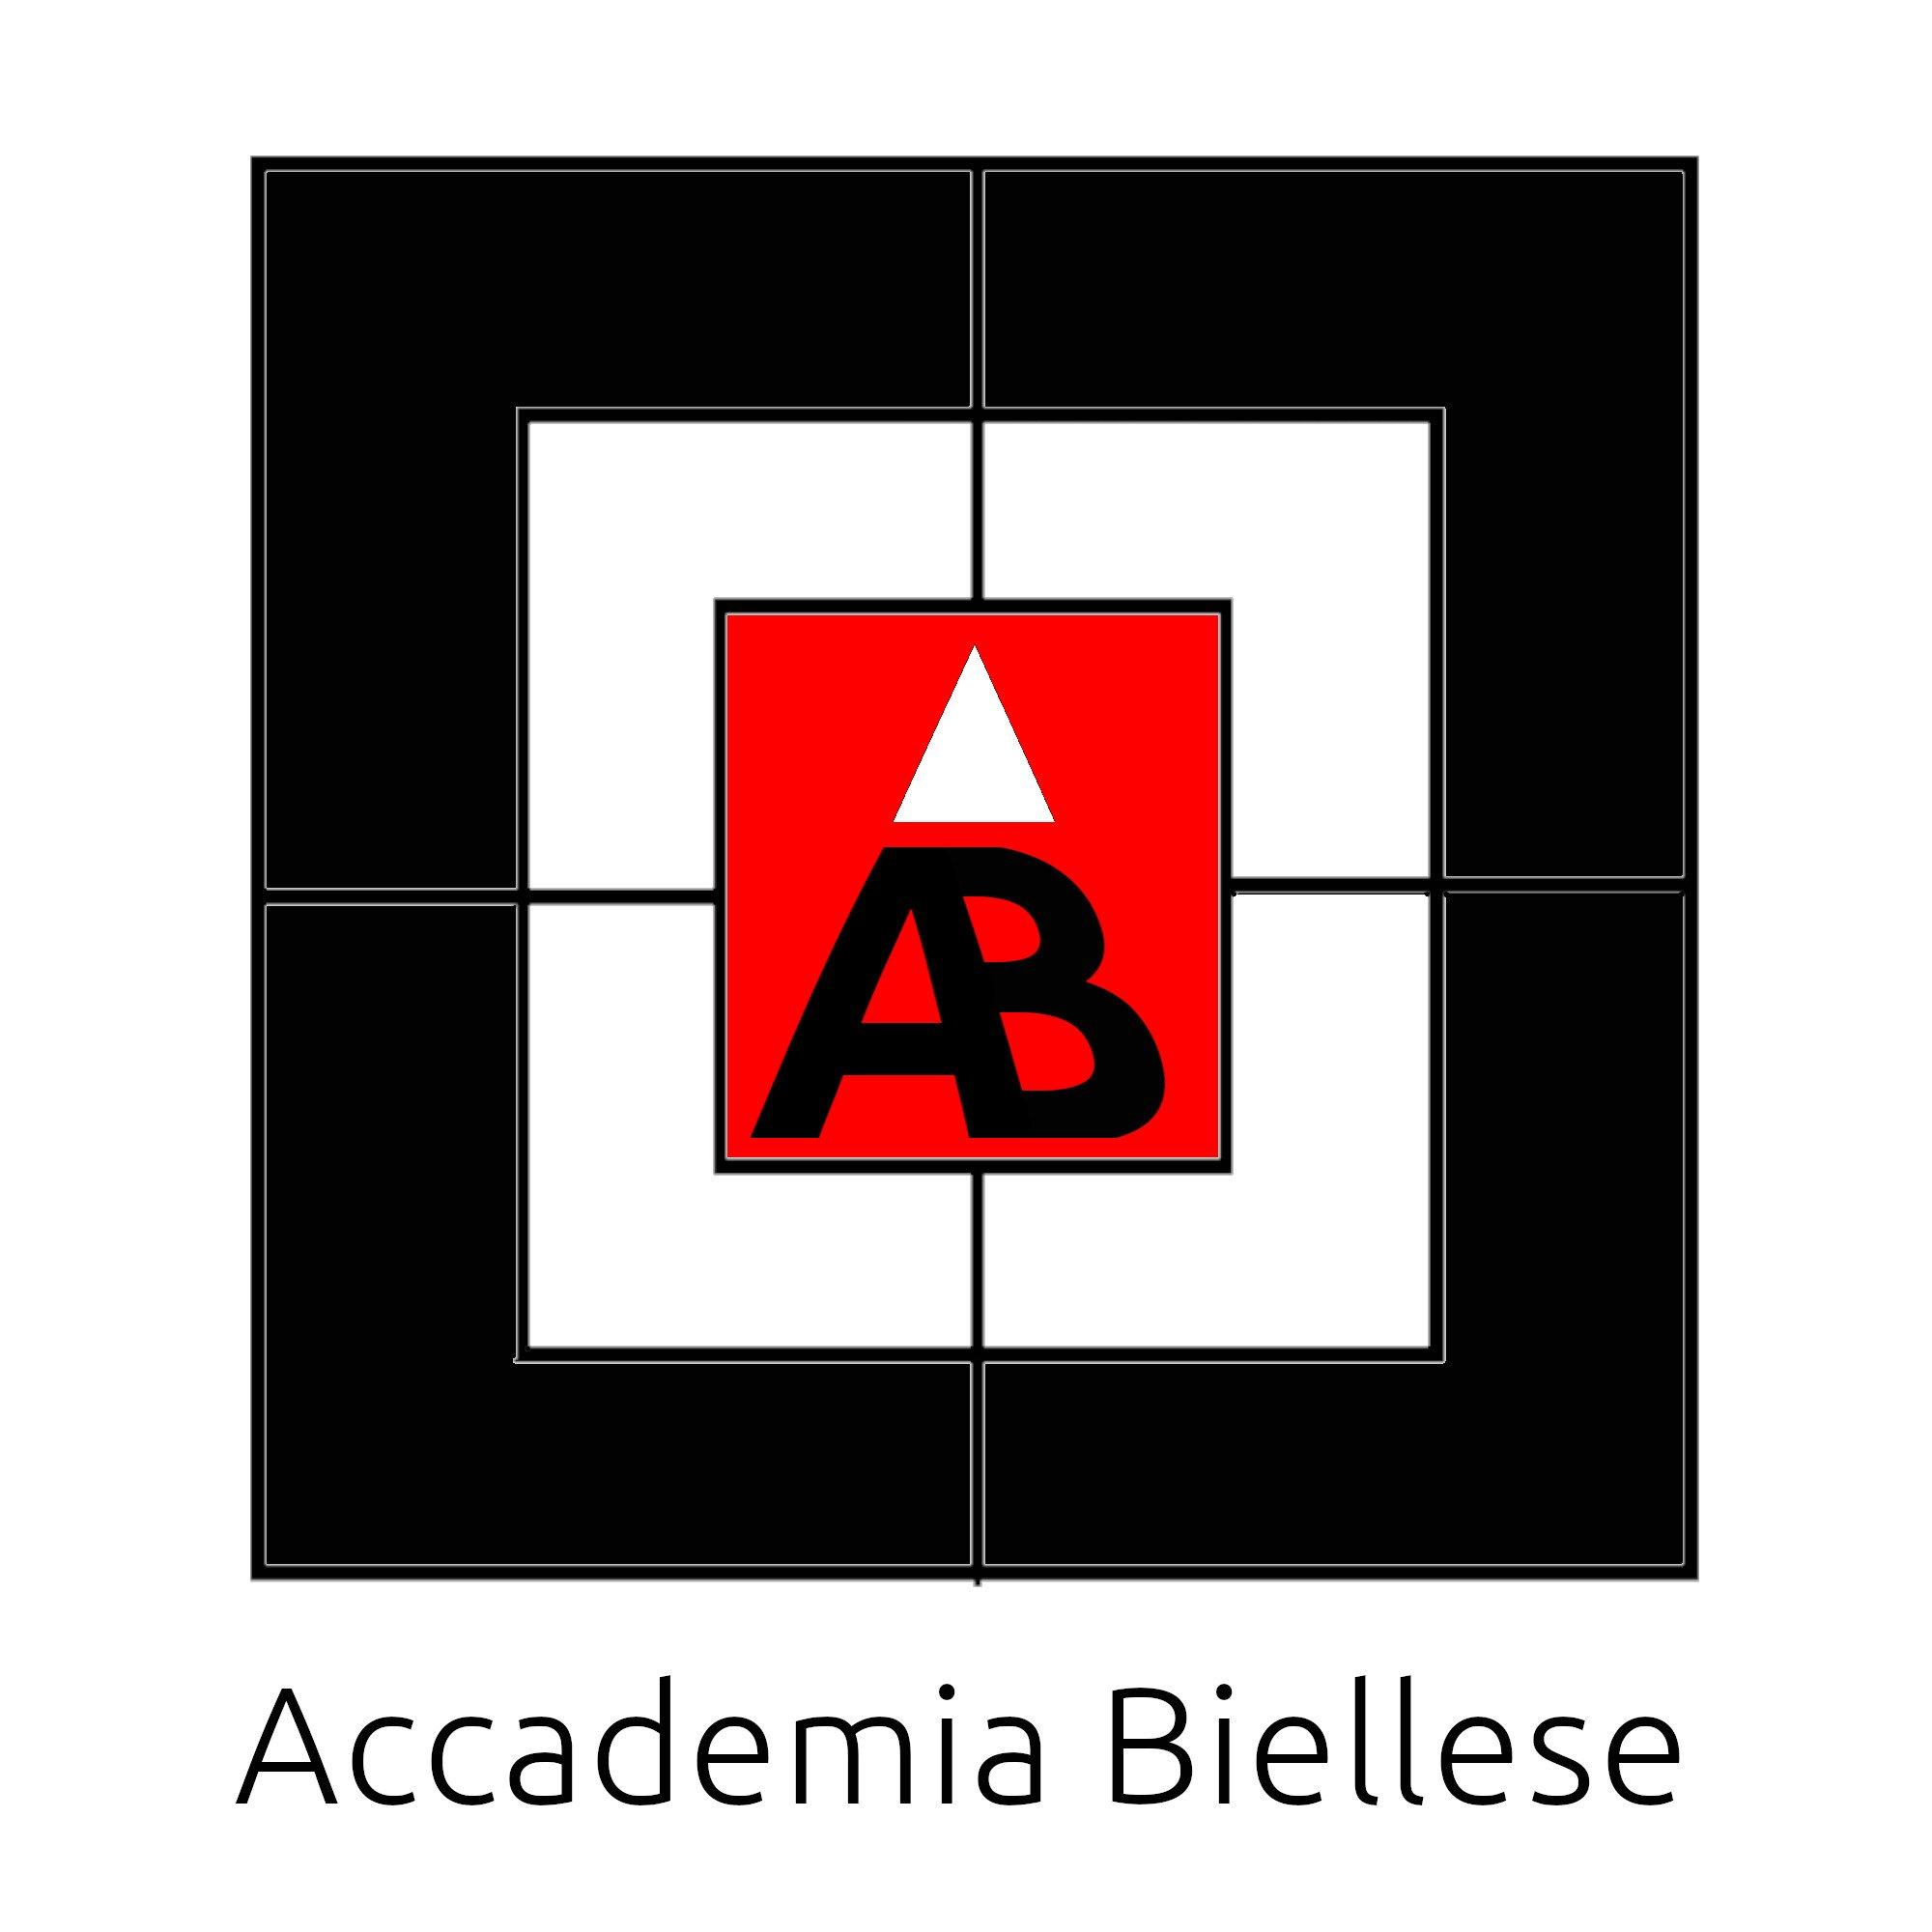 Accademia Biellese